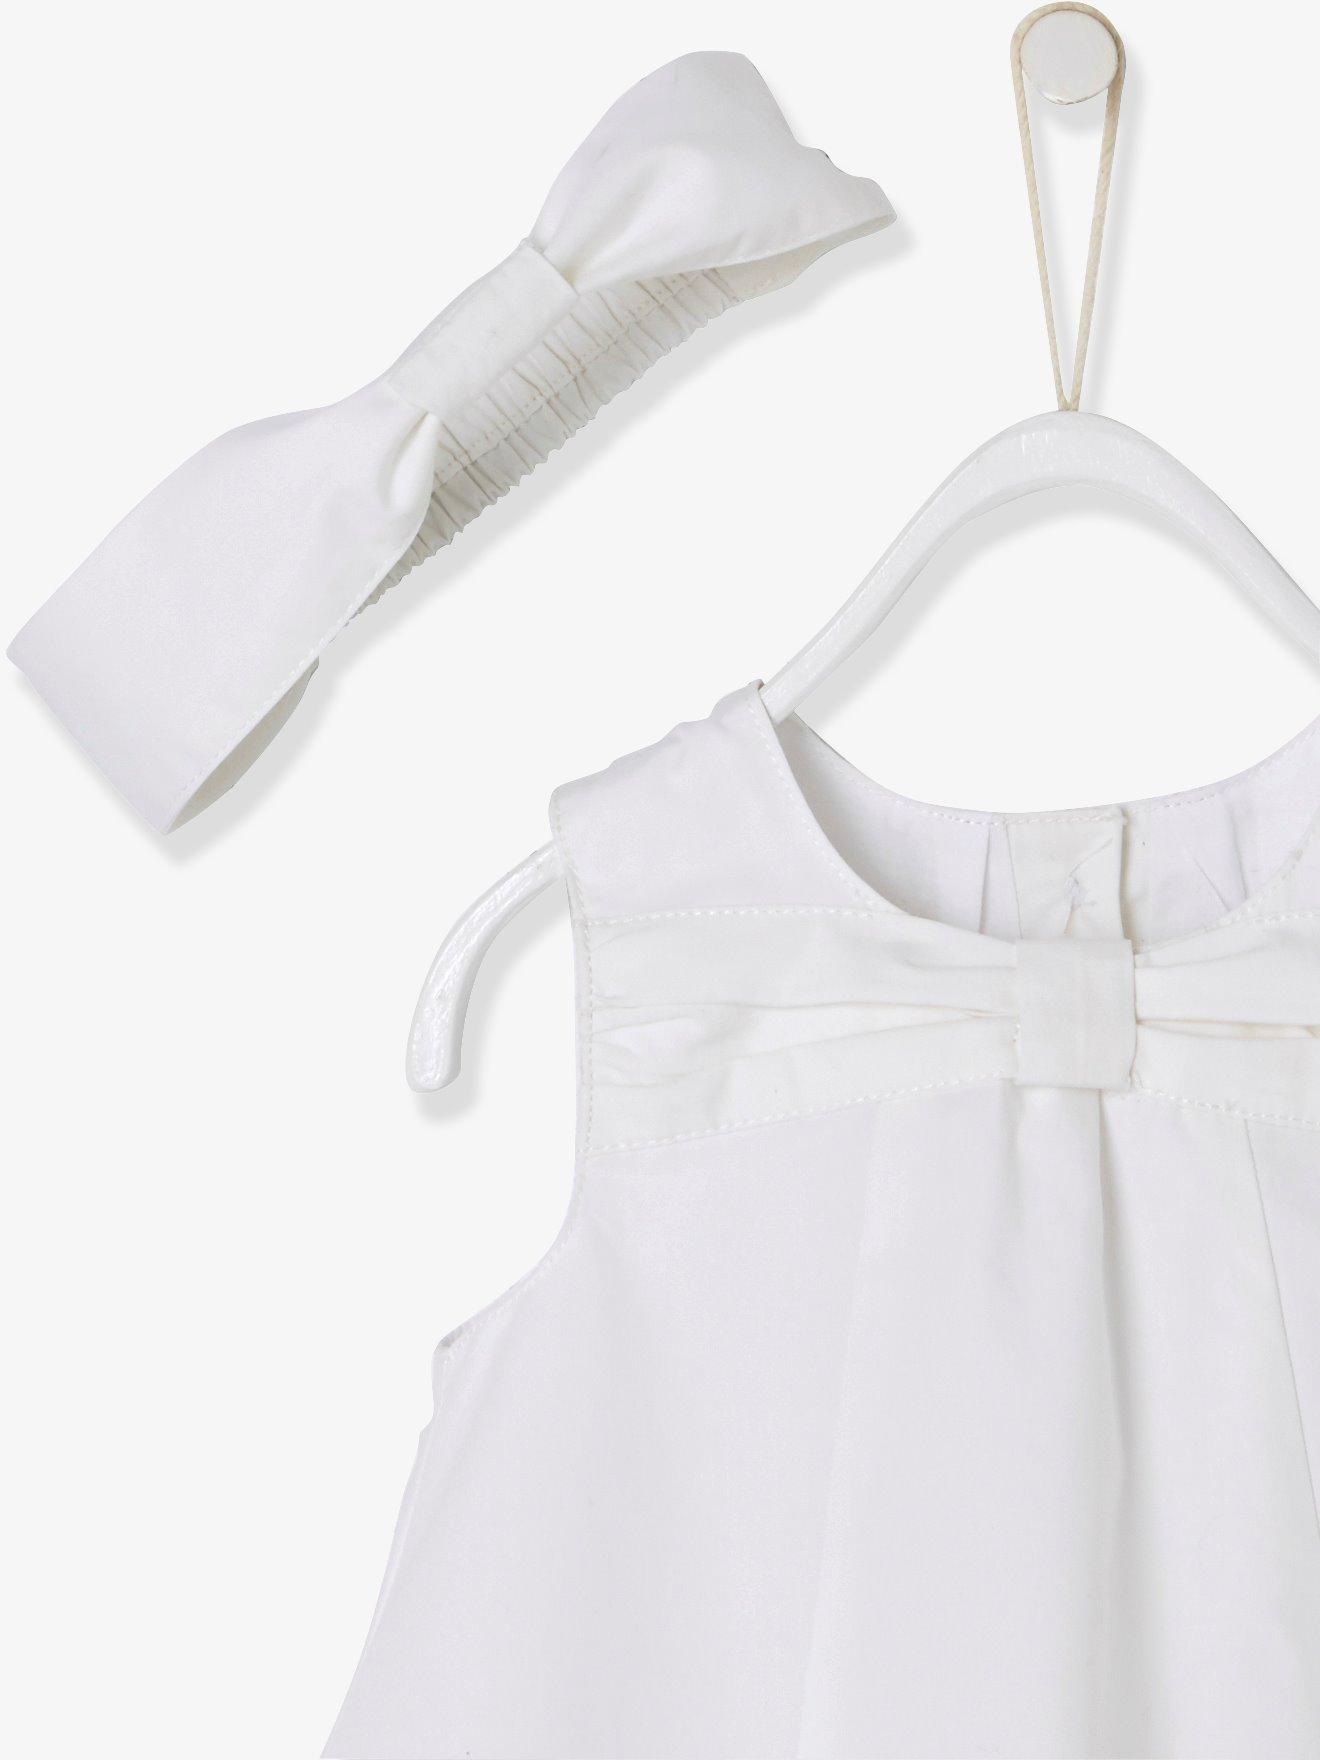 a0d06045de 3 részes ünneplő ruha kislányoknak, 54-es - PICinyke